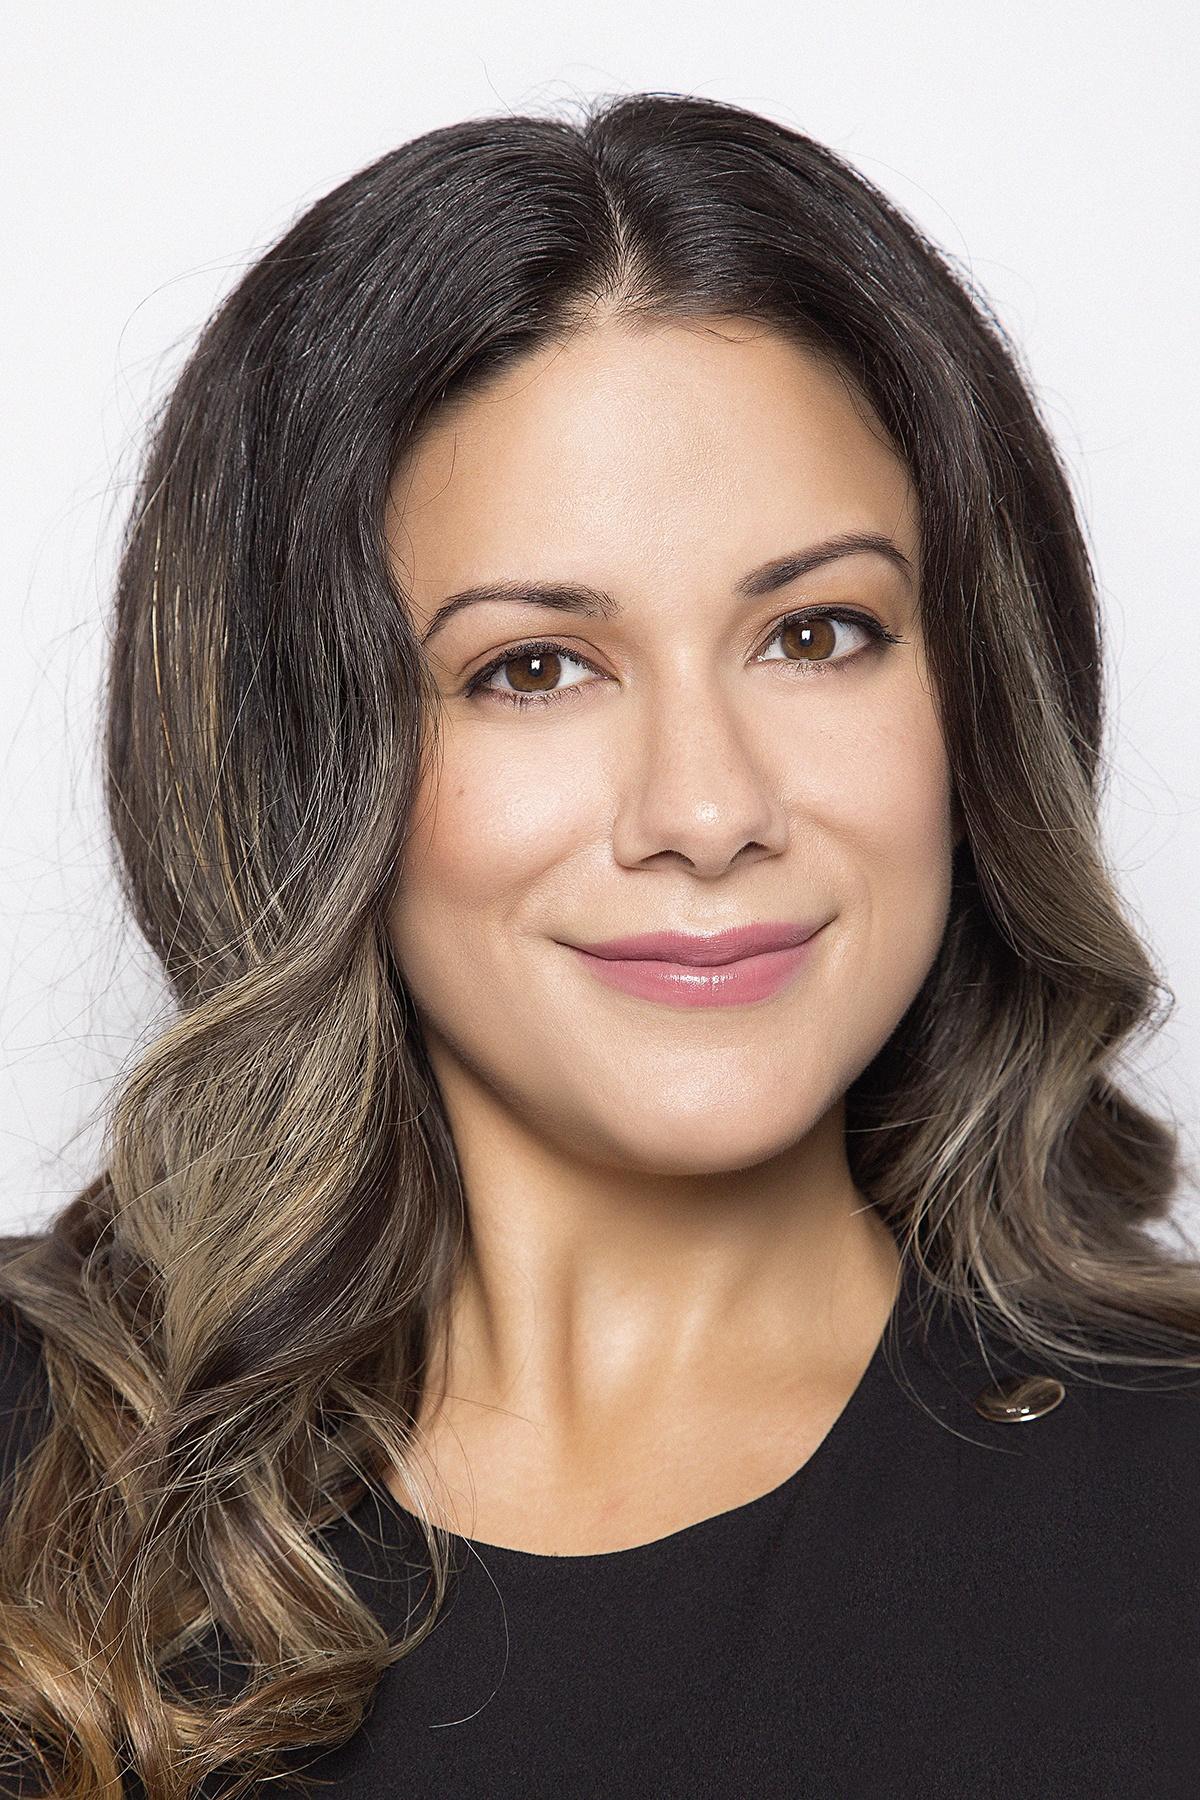 Danielle De Varona